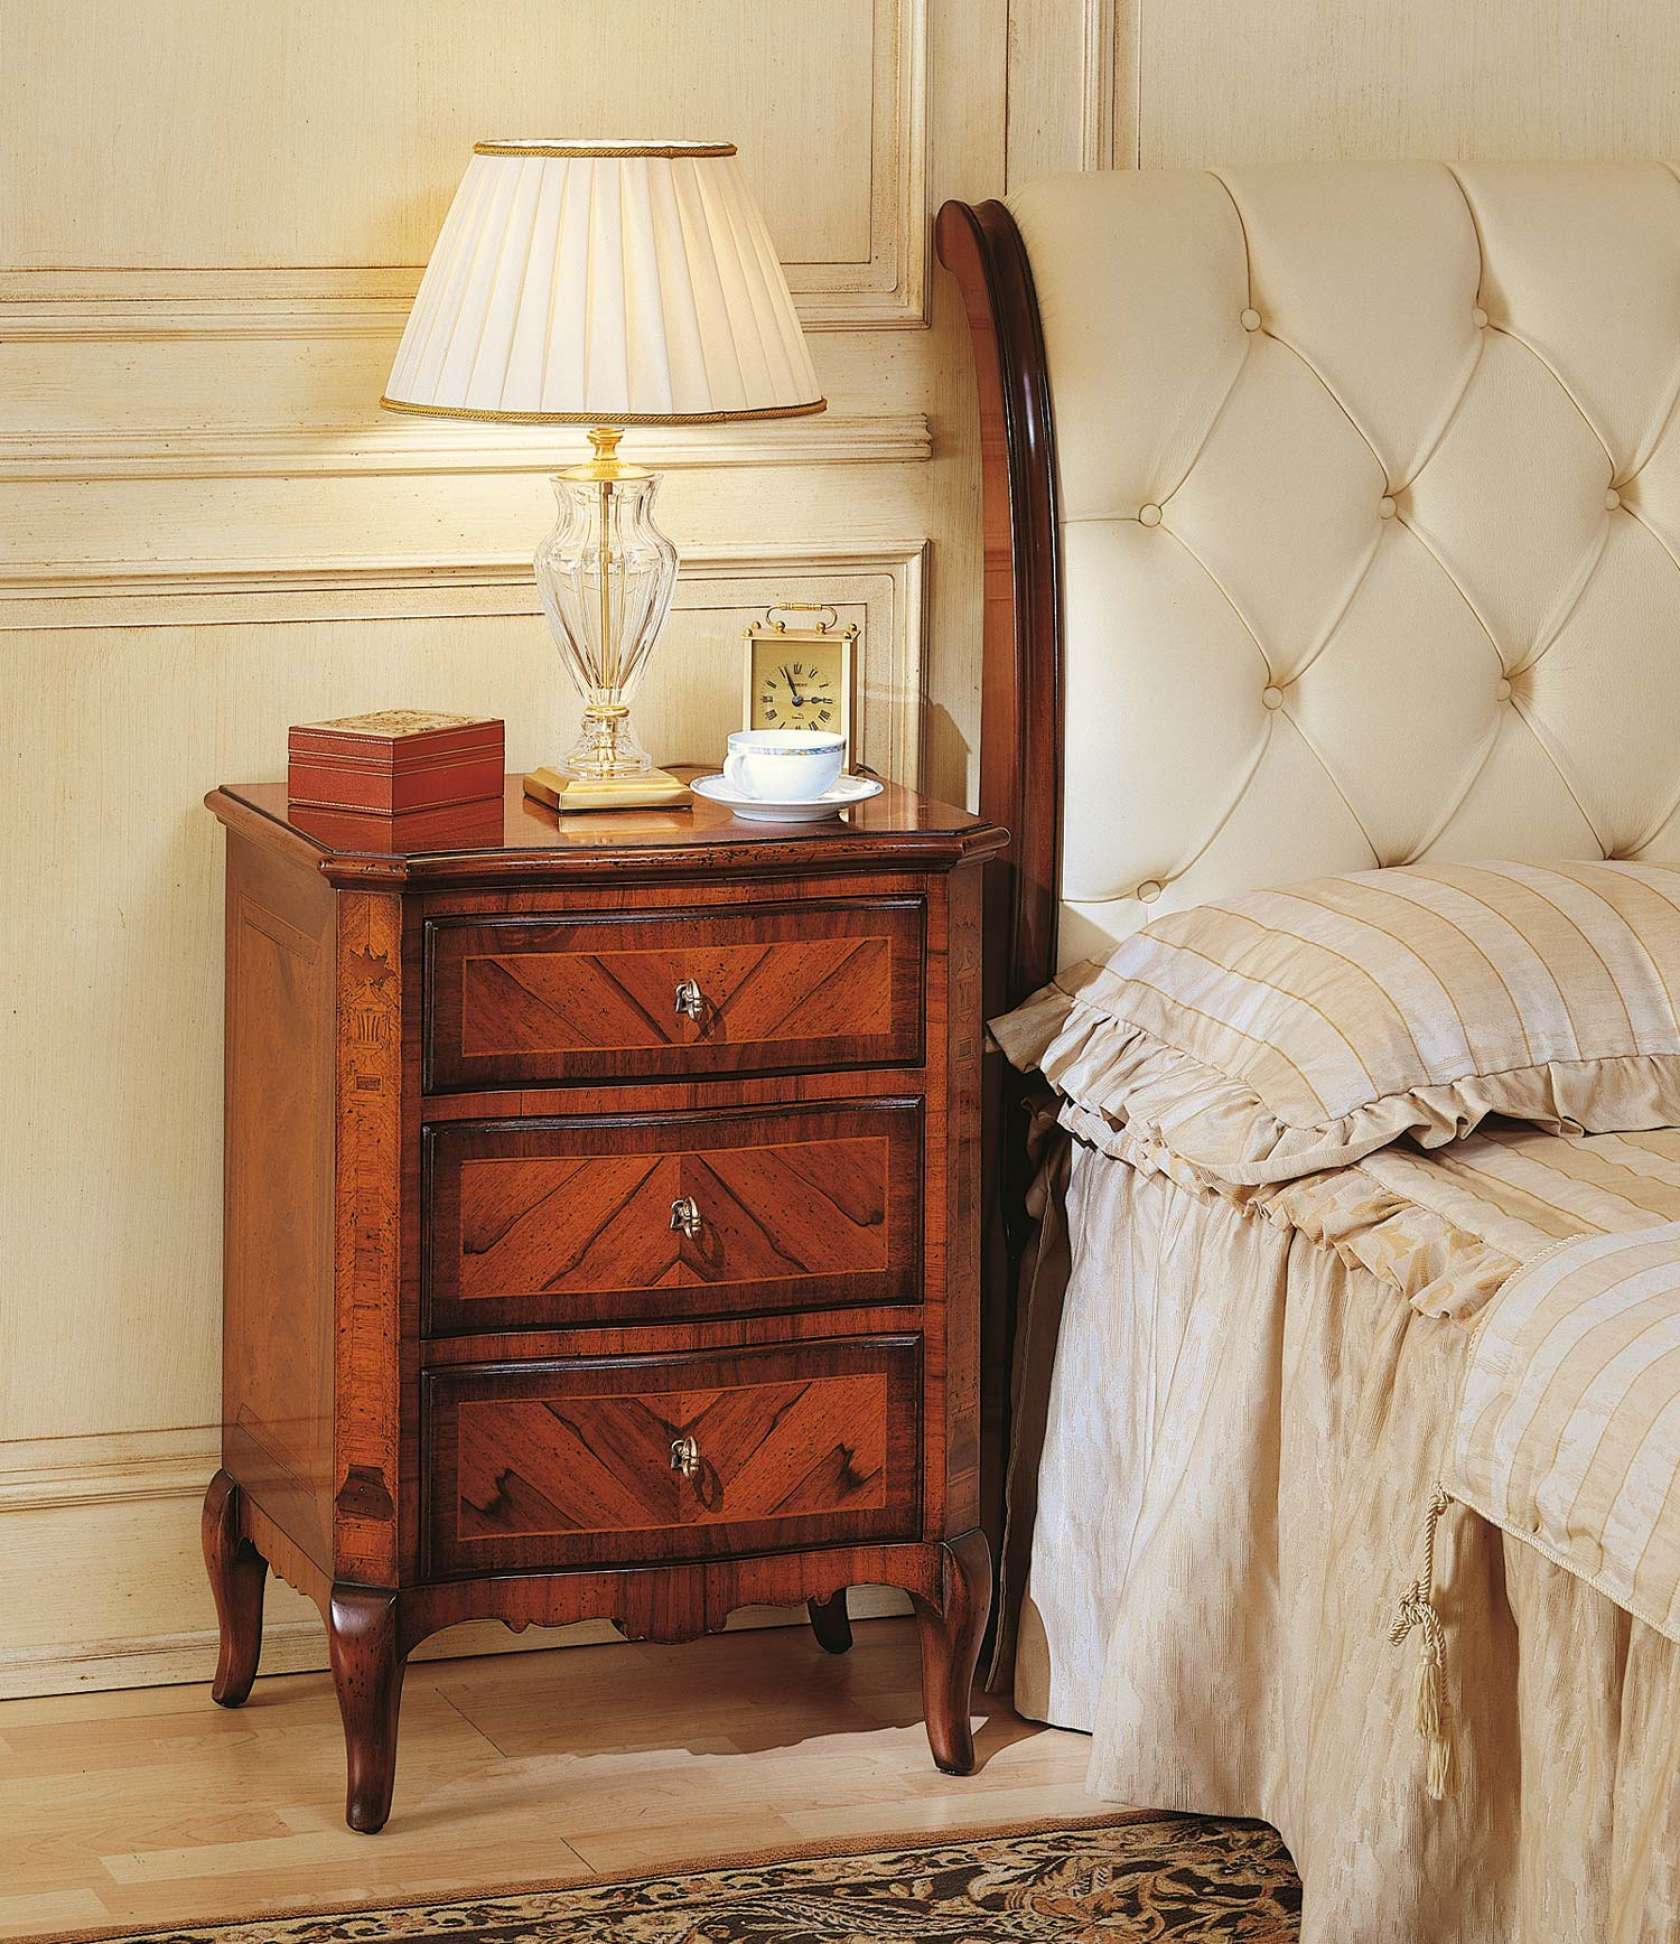 Camera da letto 800 francese comodino in noce vimercati meda - Camera da letto in noce ...